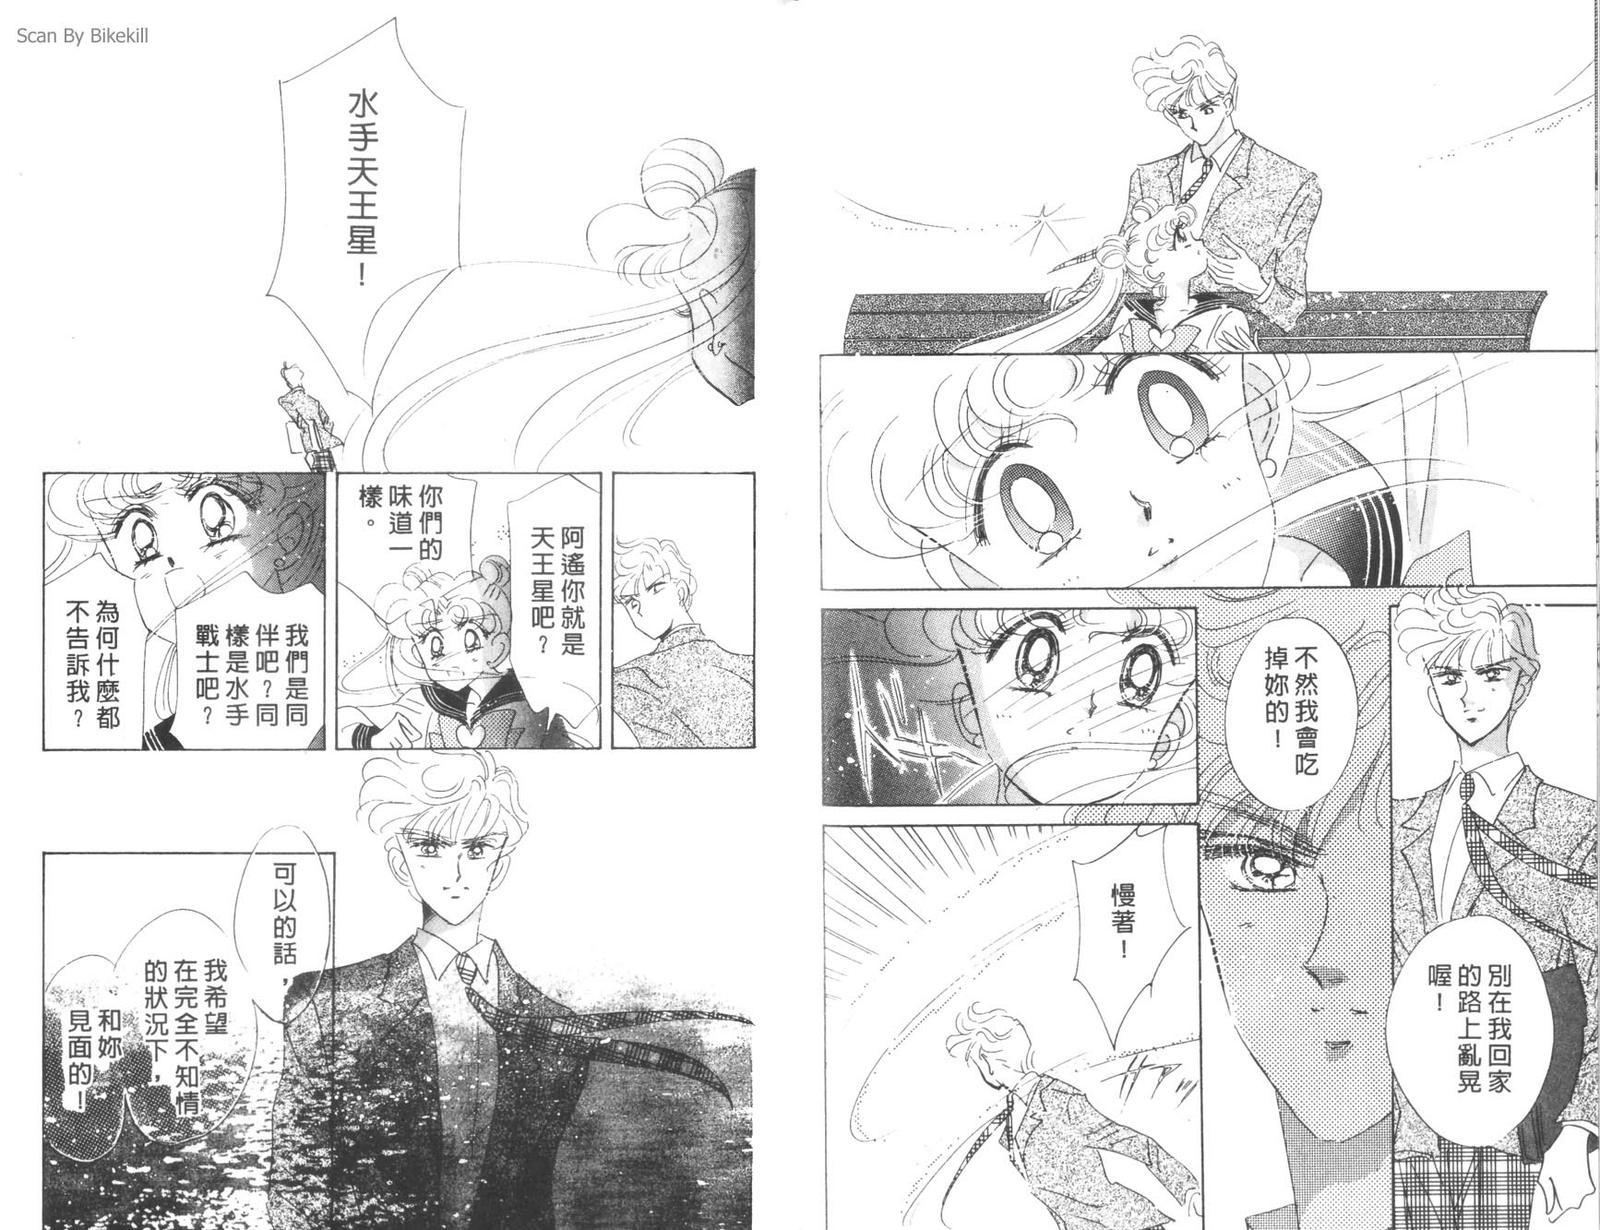 美少女战士h版漫画